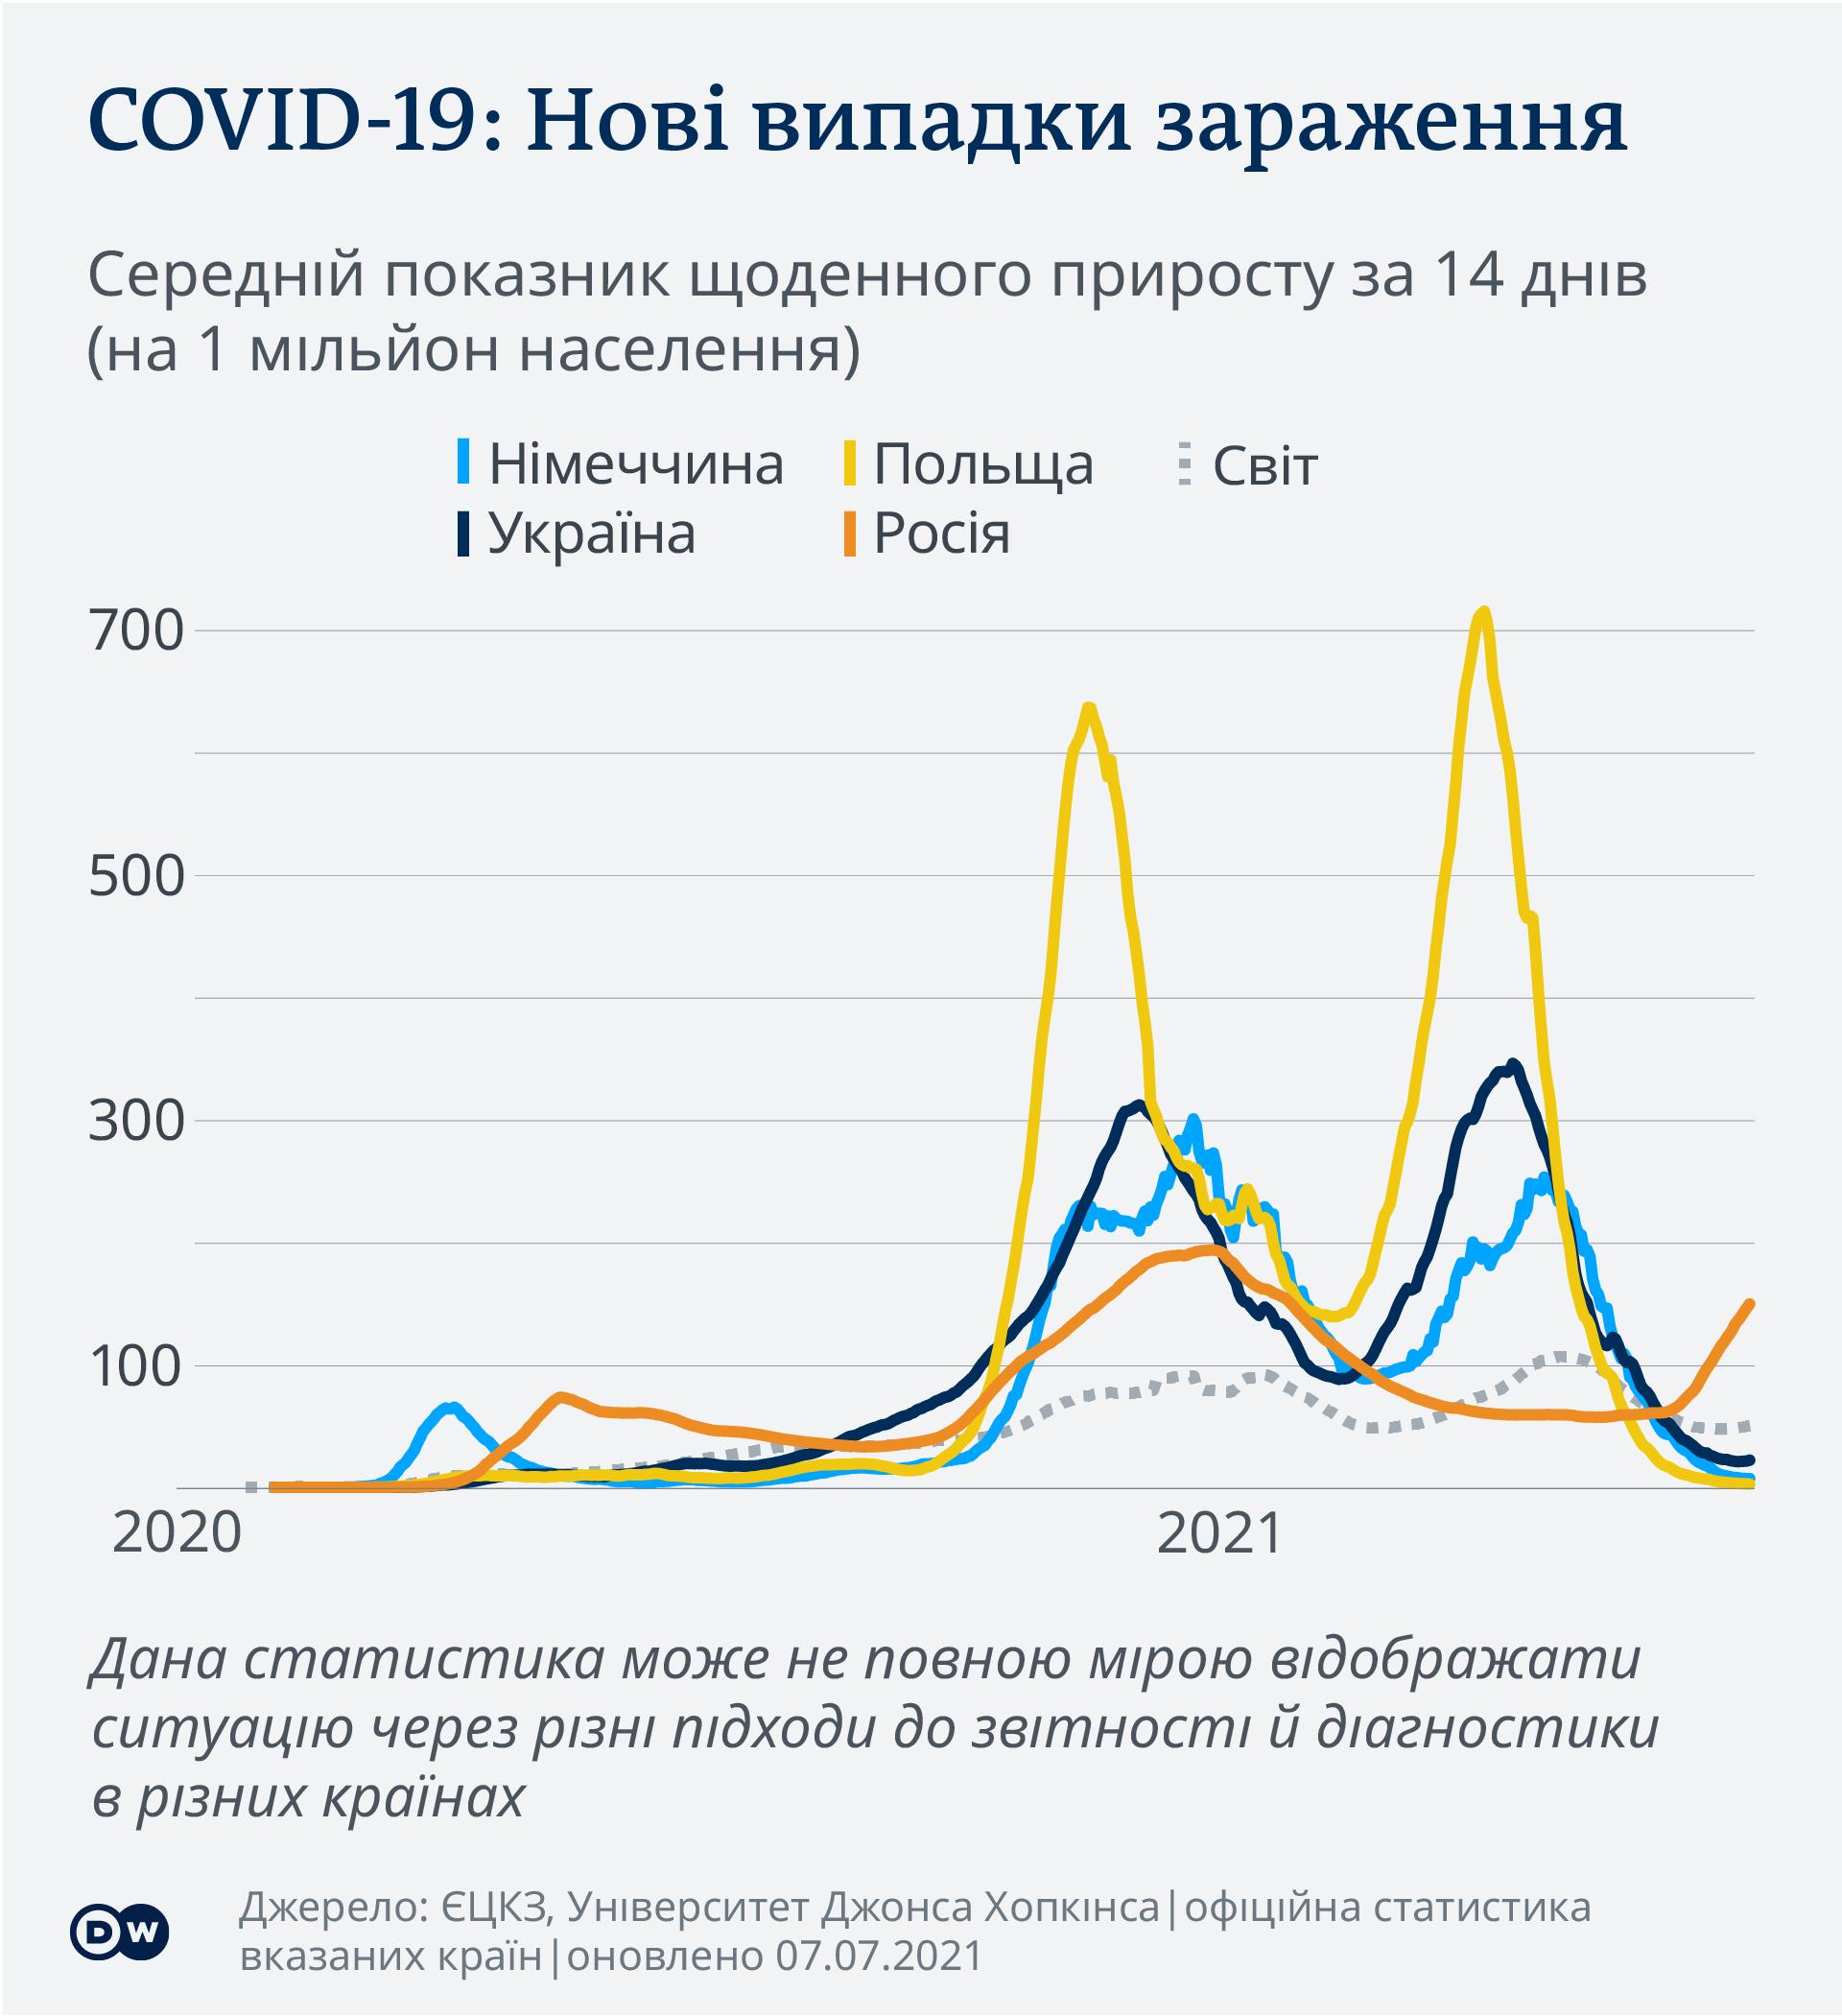 Коронавірус в Україні, Польщі, ФРН і Росії: динаміка зараження станом на 7 липня (інфографіка)